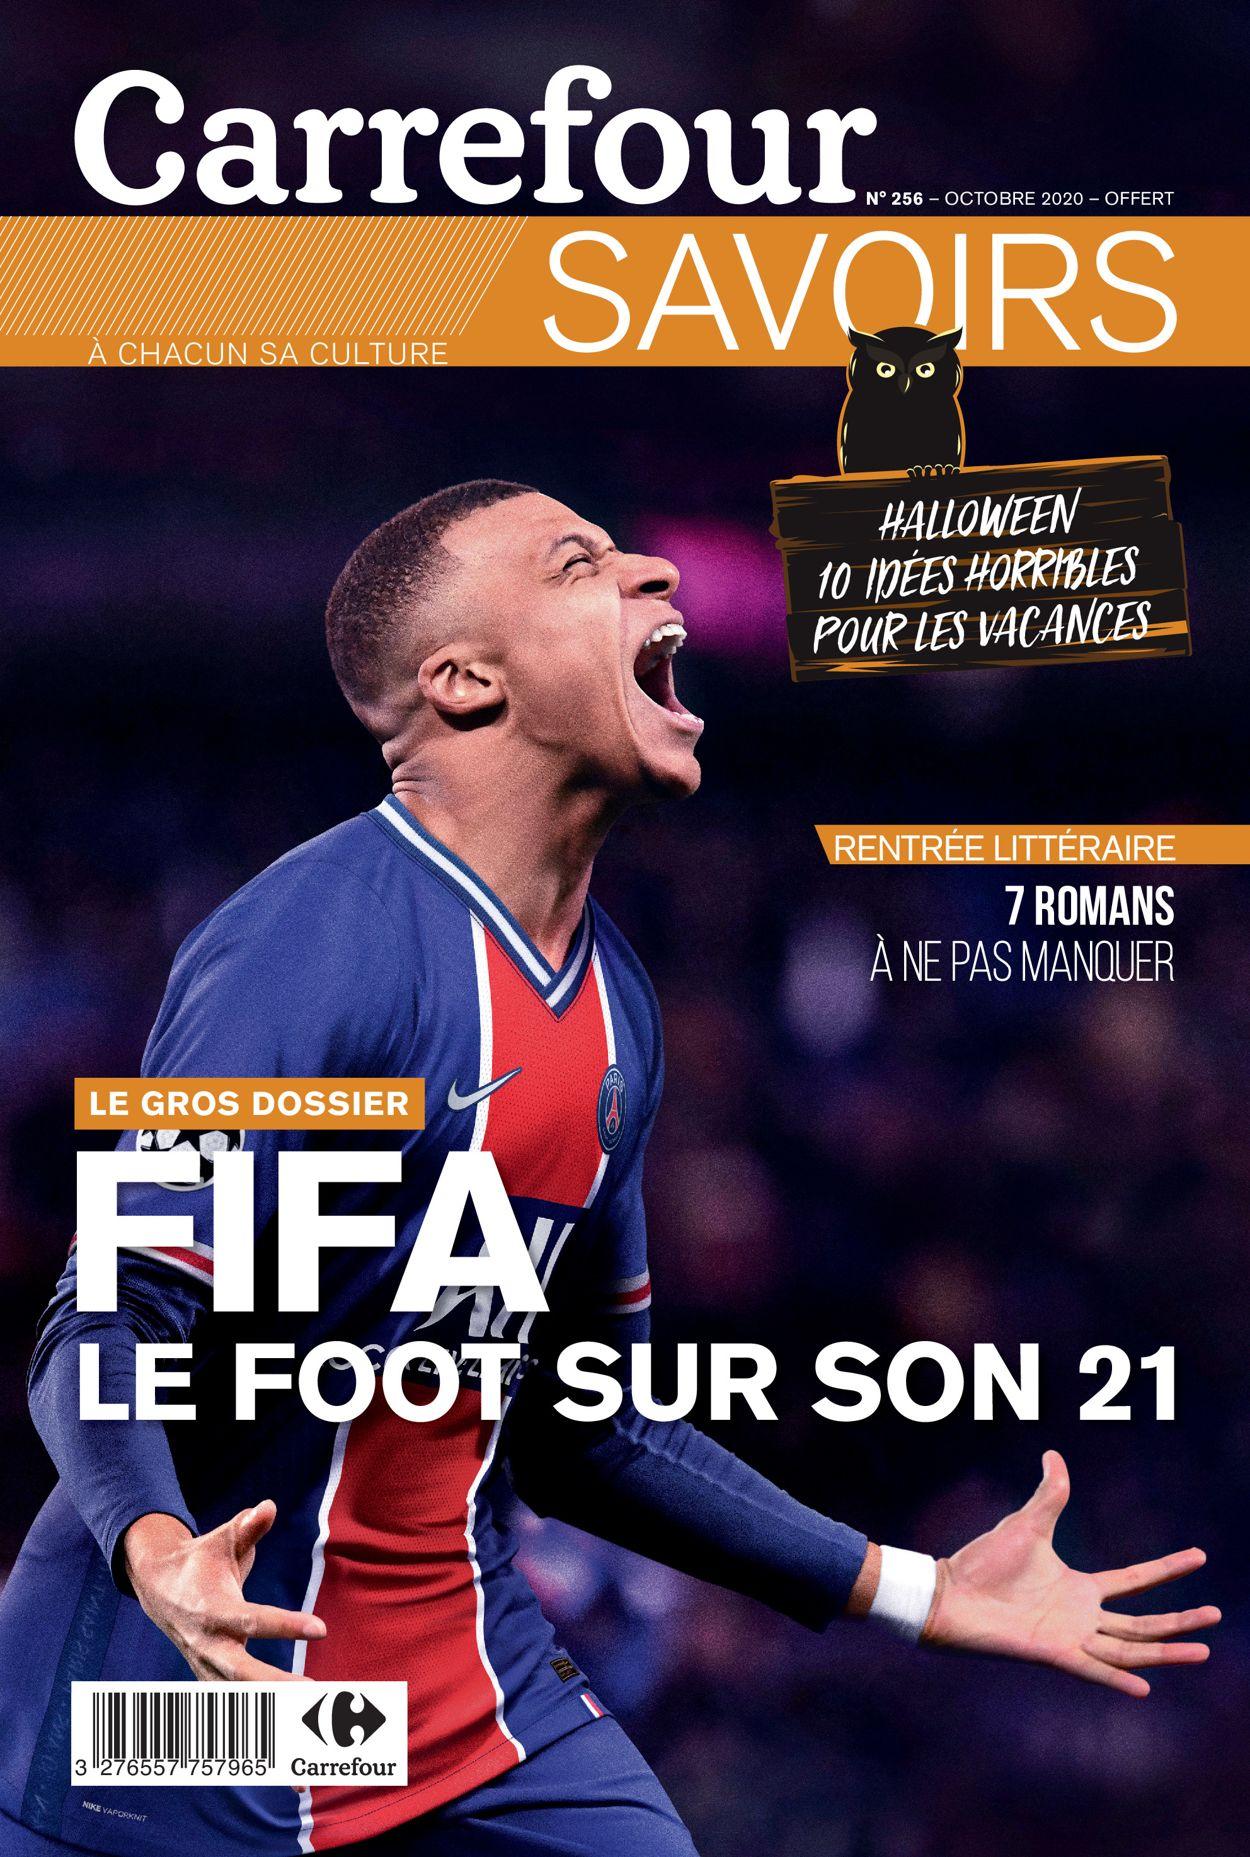 Carrefour Catalogue - 01.10-31.10.2020